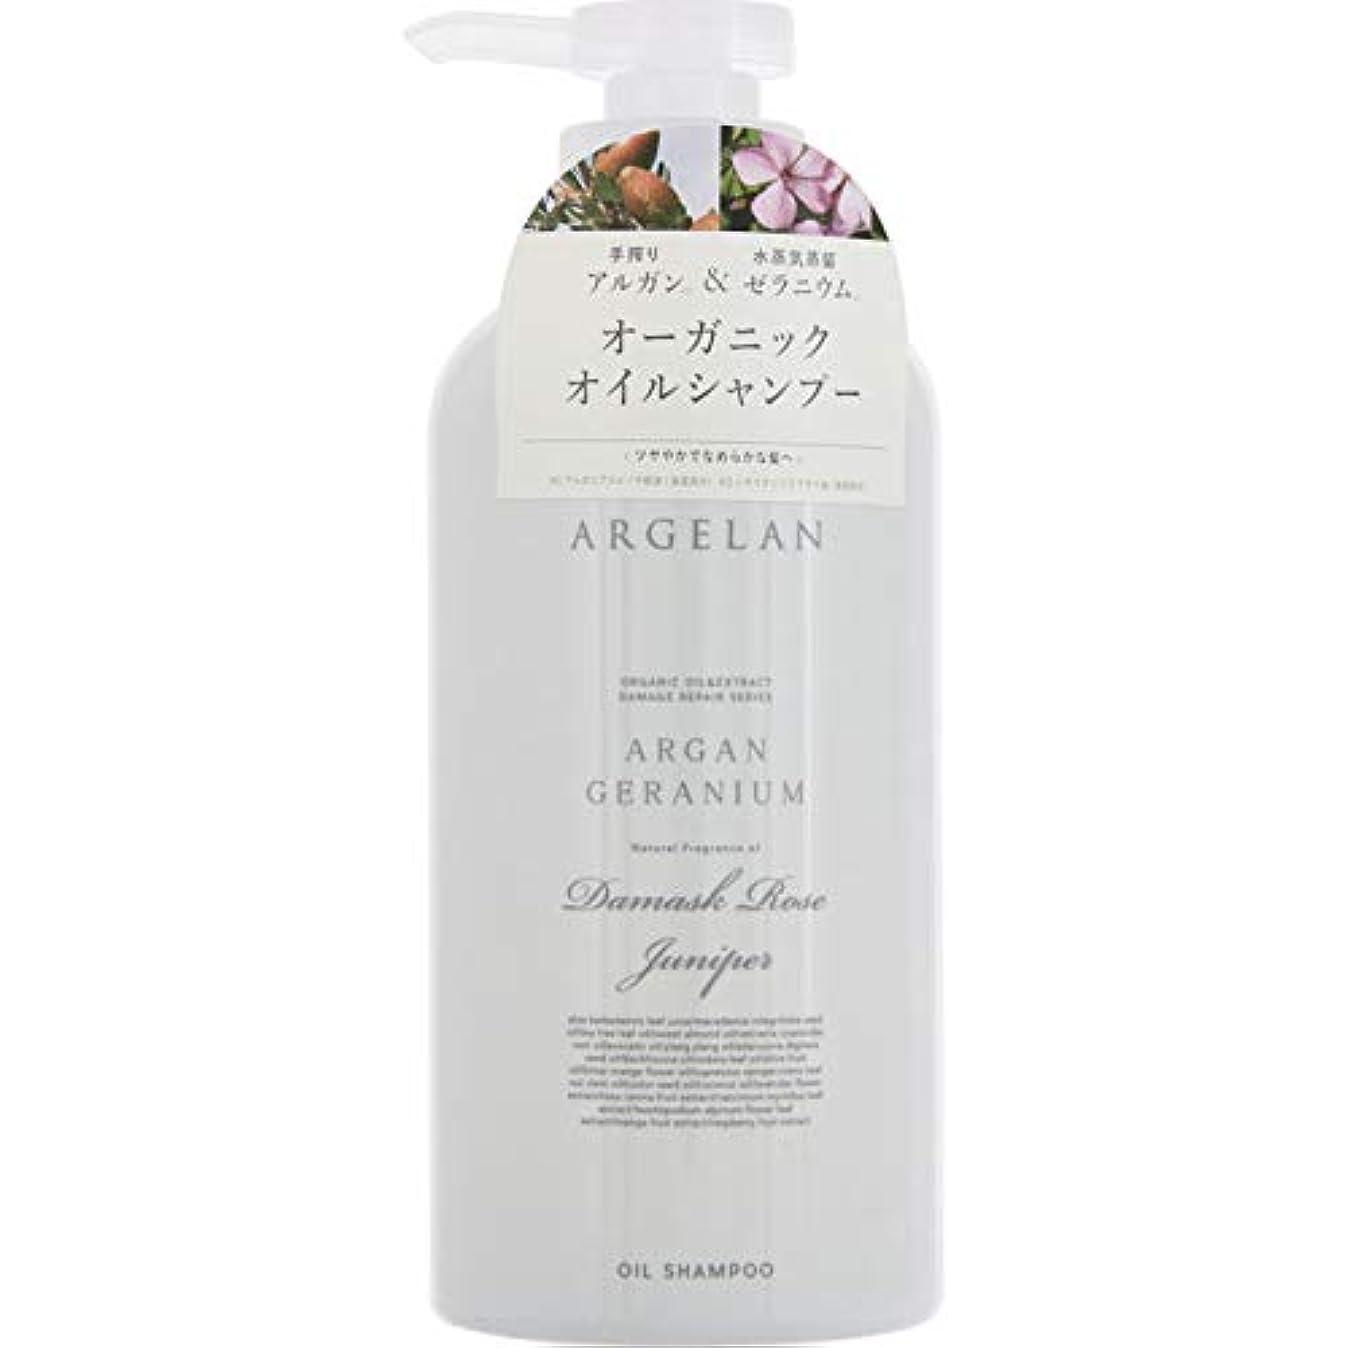 ブランチミンチ代数的アルジェラン オーガニック 手搾りアルガン オイル シャンプー 500ml